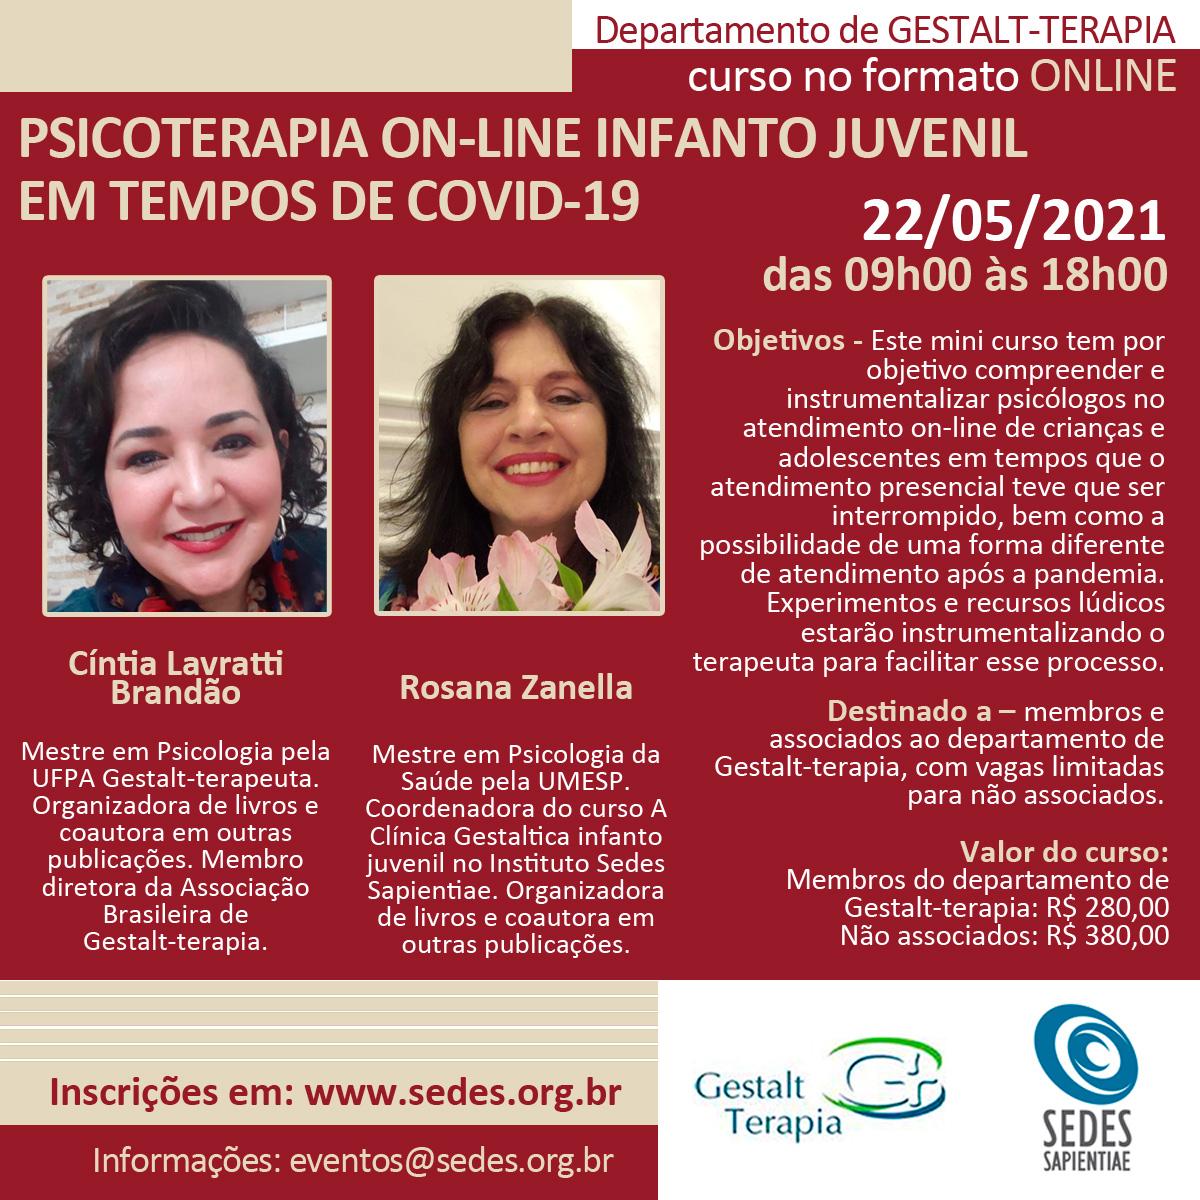 Psicoterapia ON-LINE Infanto Juvenil em Tempos de COVID-19